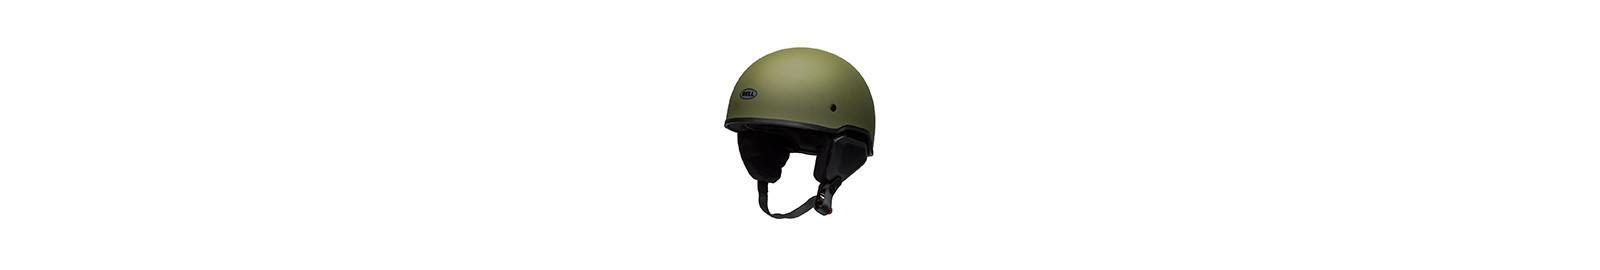 Bell Recon Helmets